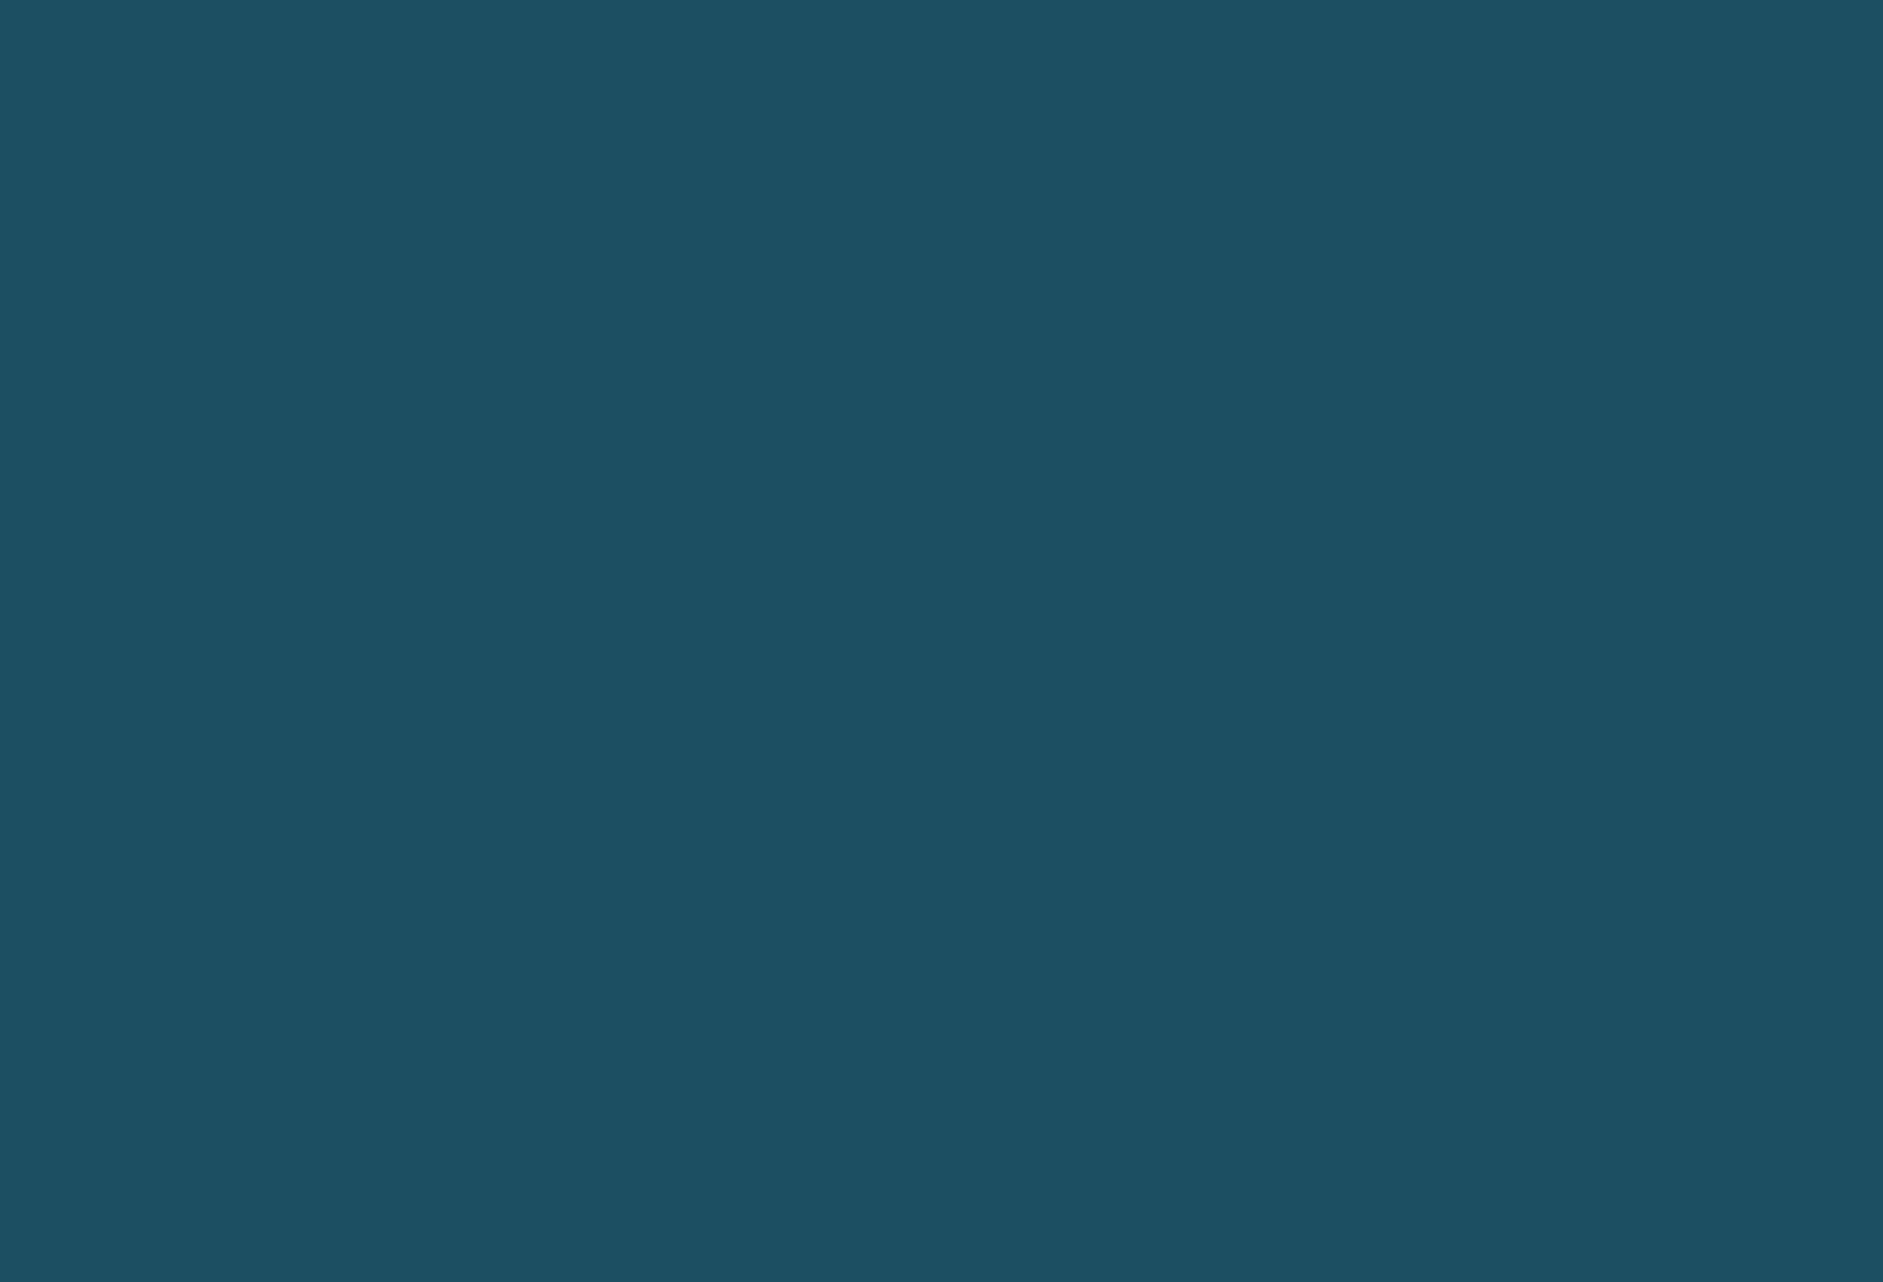 Contacto - Si desea información adicional o explorar una oportunidad, no dude en ponerse en contacto con nosotros. Aseguramos la máxima confidencialidad durante la evaluación de una oportunidad.Mauricio Ledesma - Socio DirectorTeléfono: +34 652 301 654Email: mauricio@magnuspartners.esDirección: Glorieta de Cuatro Caminos 6, 6º derecha, 28020, Madrid